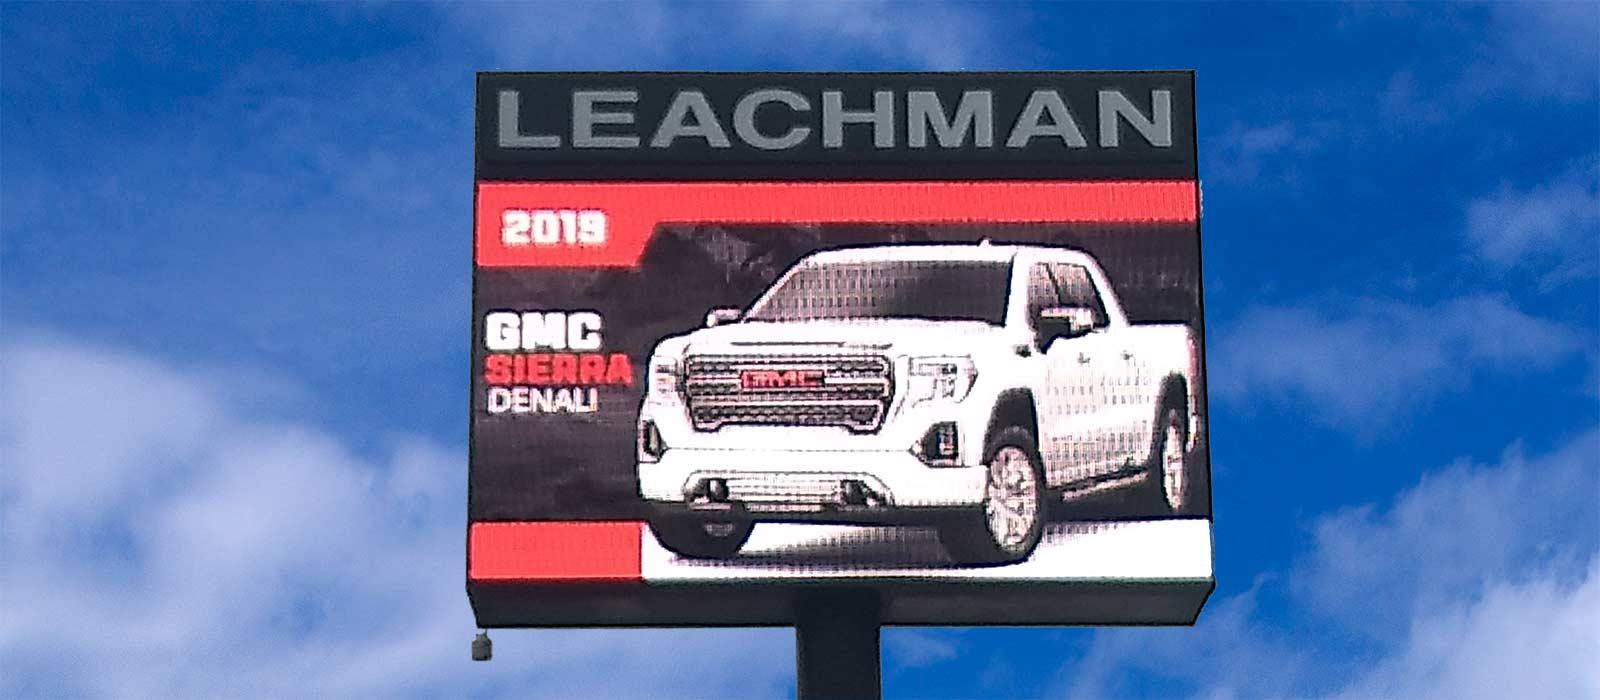 Leachman LED Message Board